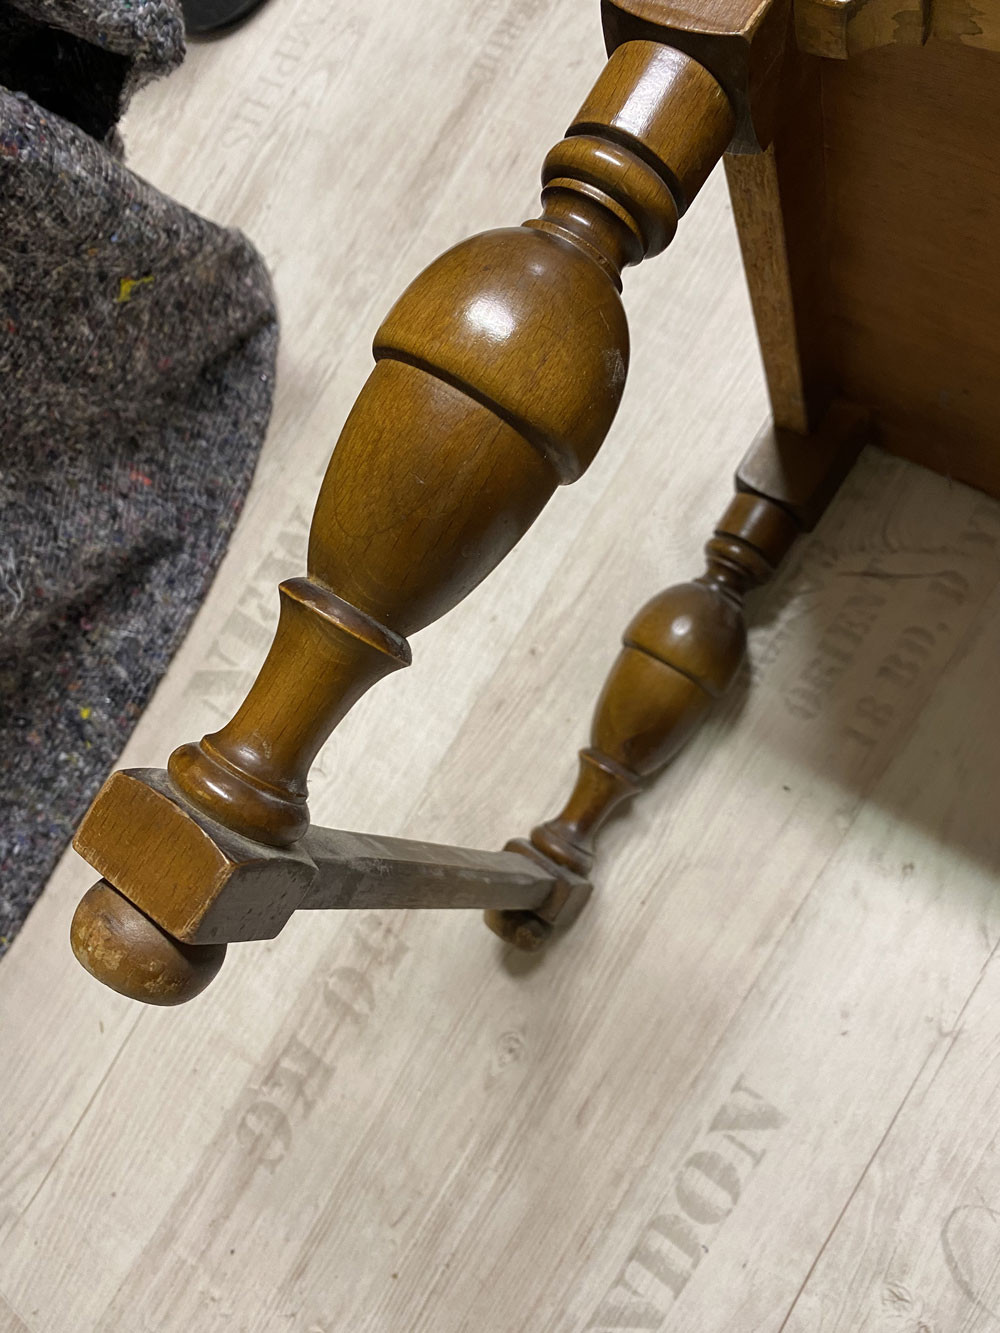 Möbelbeine absägen